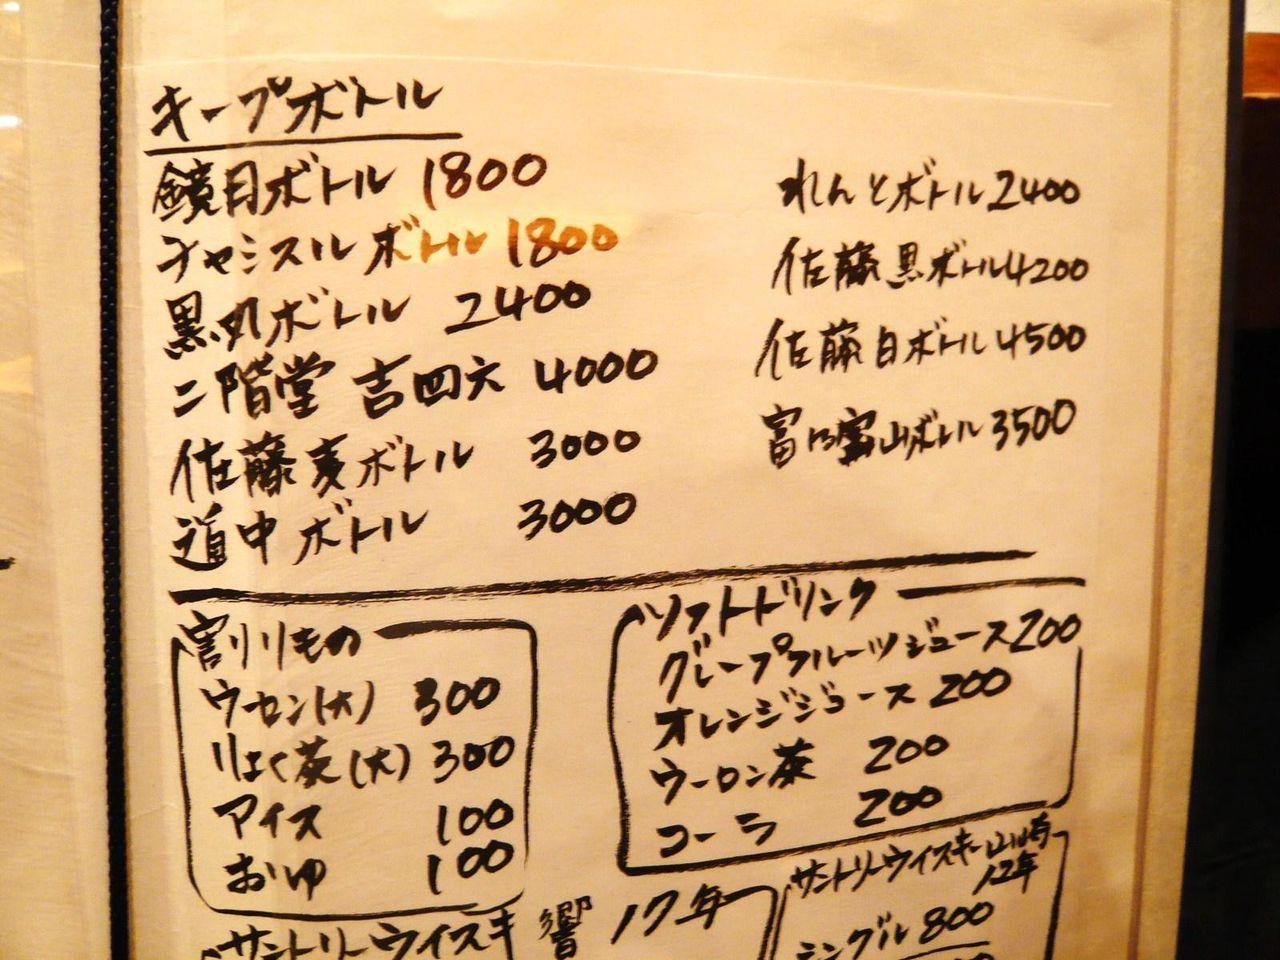 泉坂の焼酎ボトルメニュー(23年3月現在)